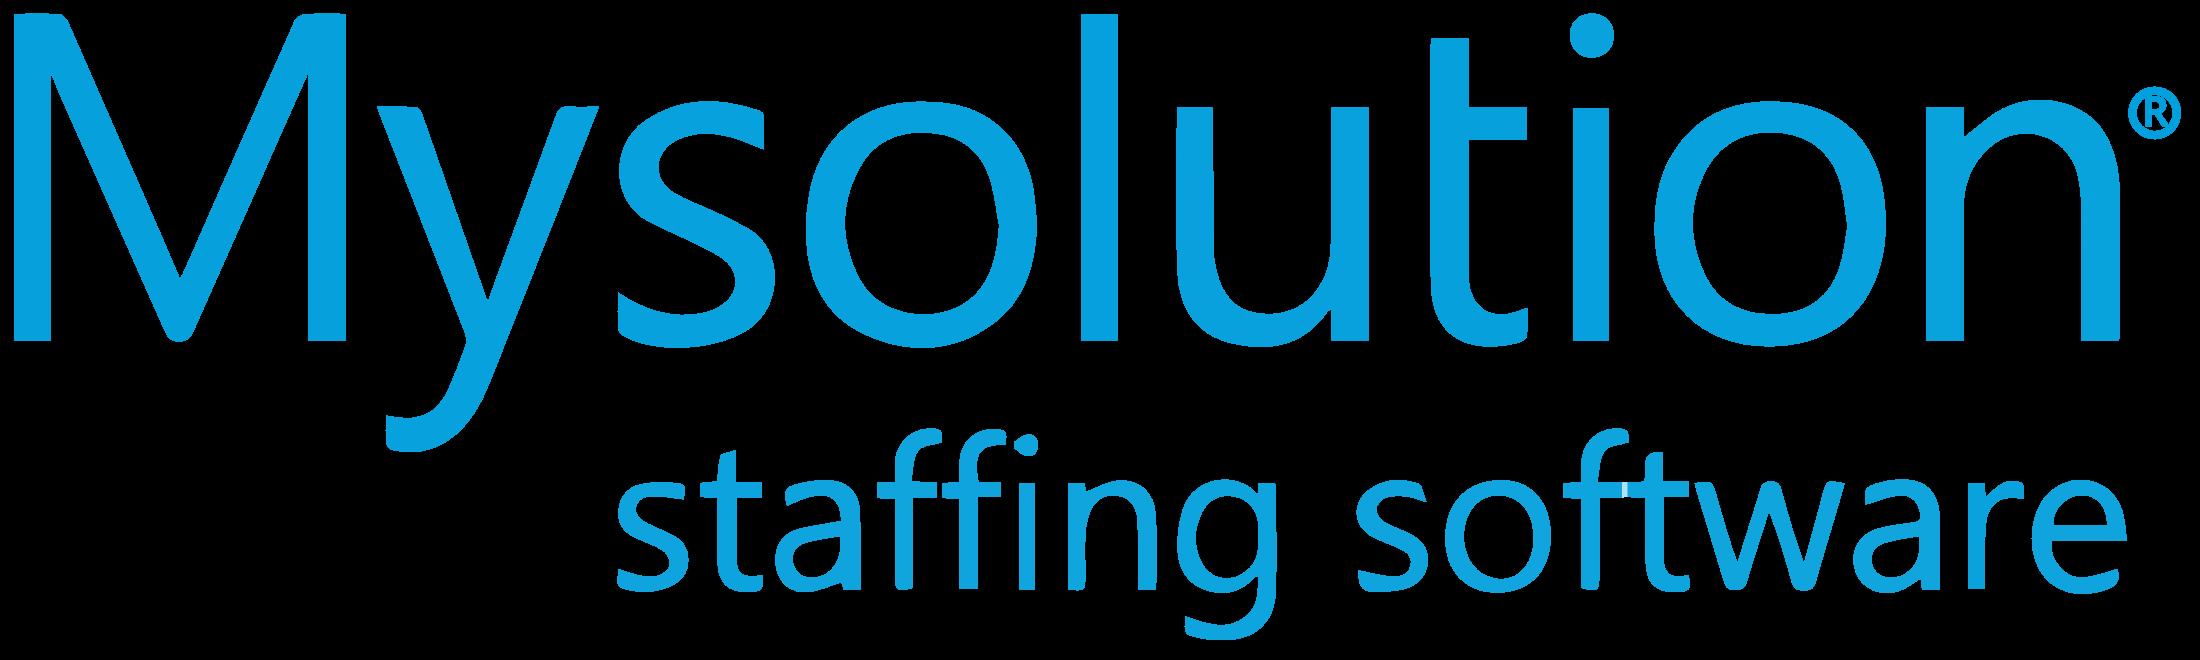 MySolution MSF uitzendbureau software gehost door CoDesk